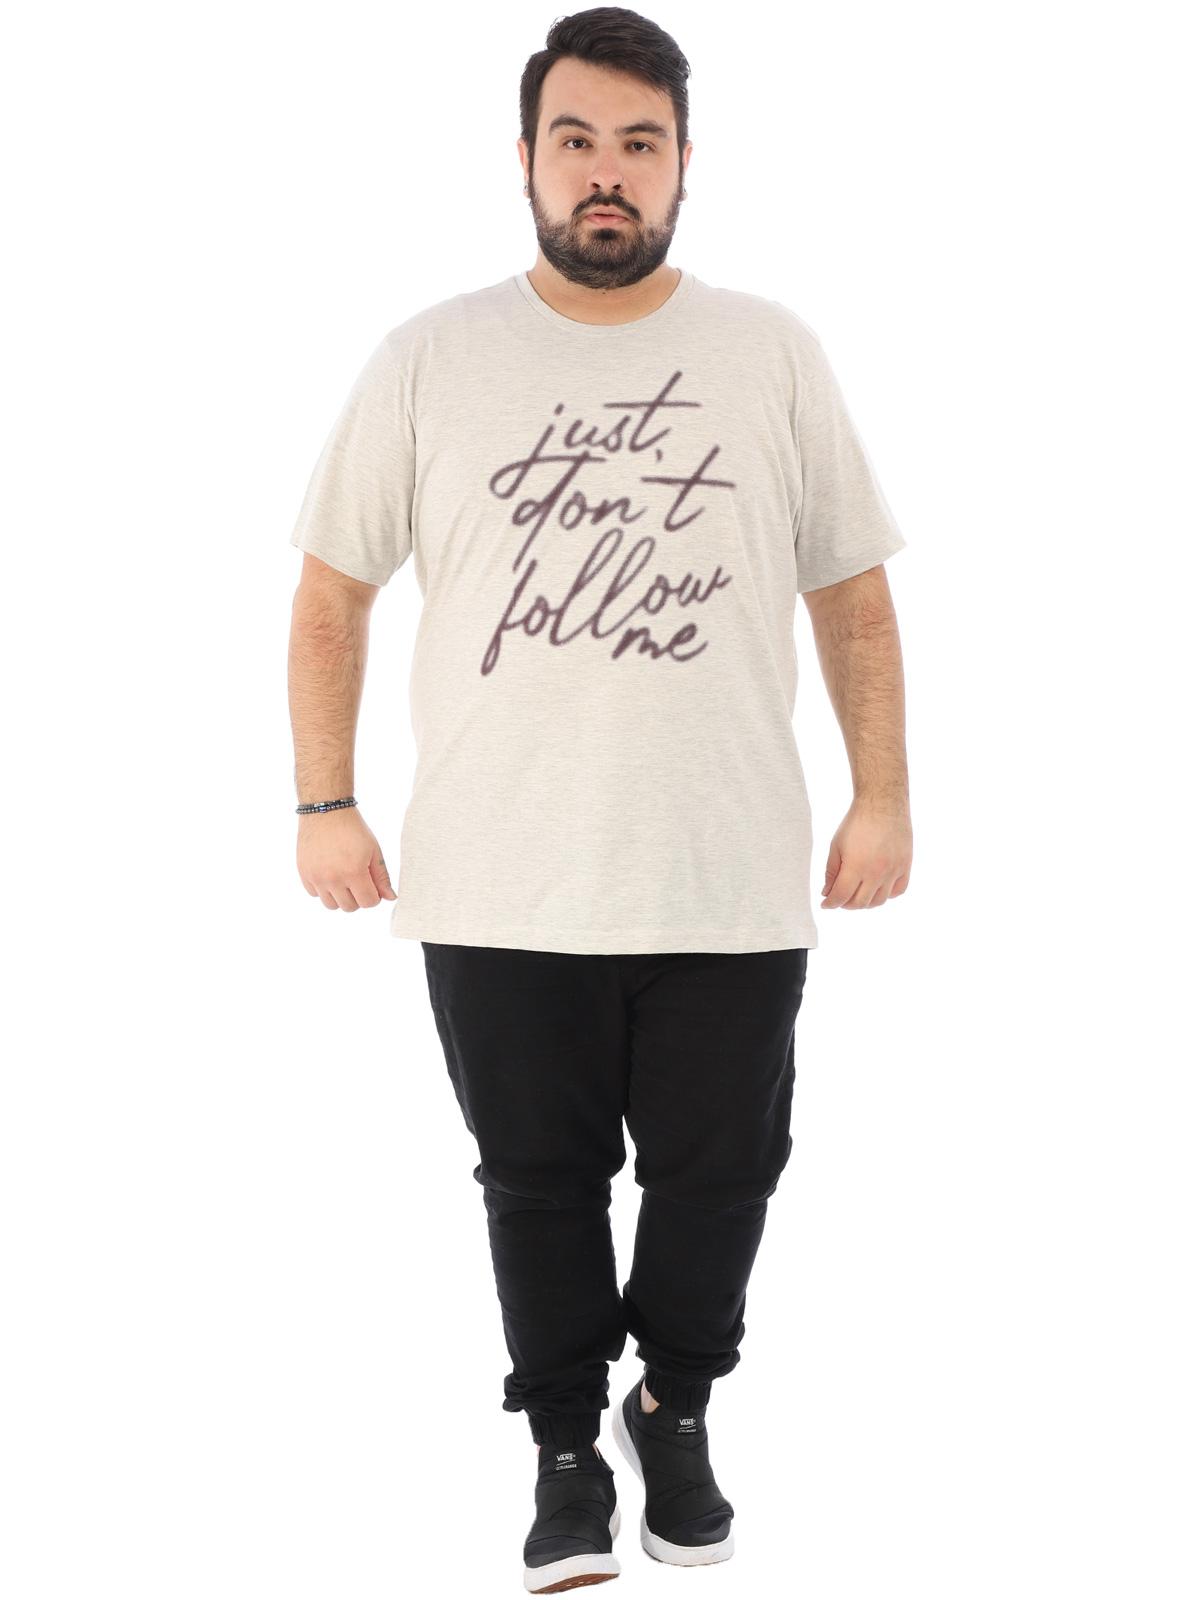 Camiseta Plus Size Masculina Manga Curta Follow Mescla Crú